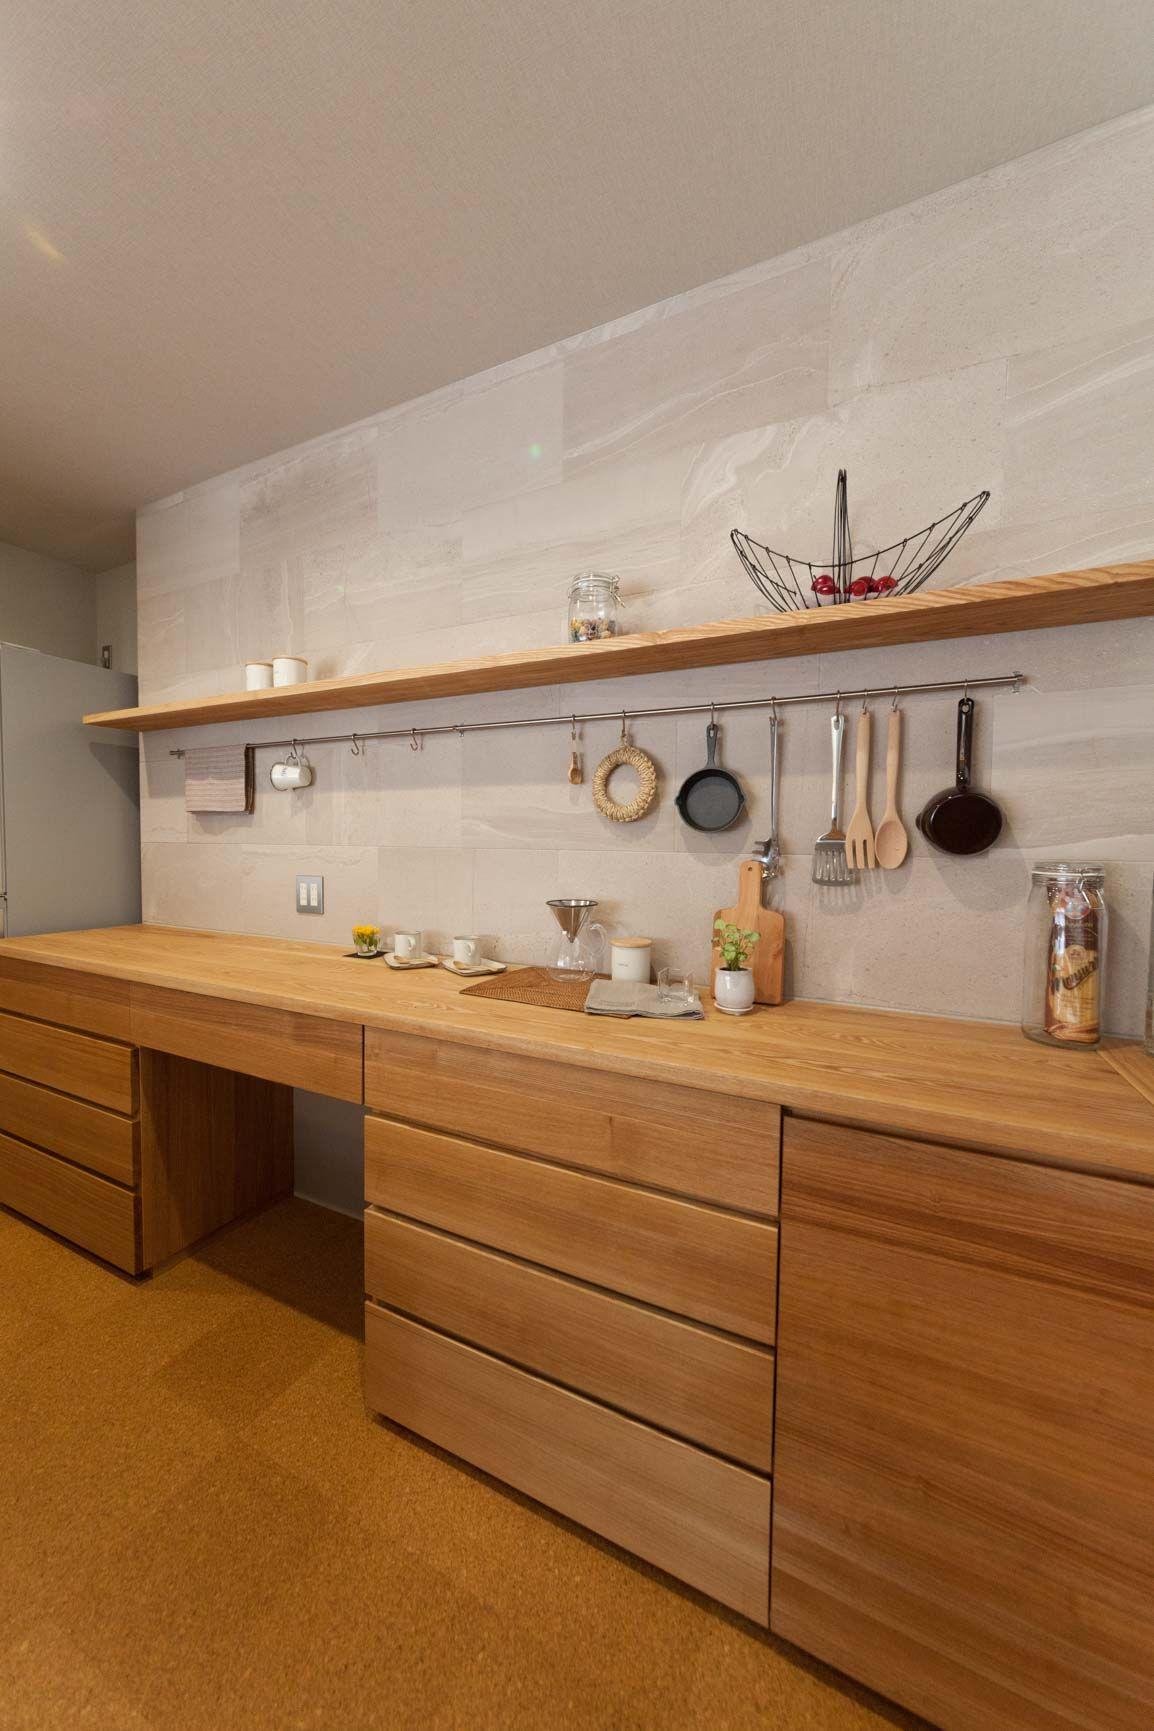 新産住拓のモデルハウス 熊本の新築一戸建て注文住宅 リビング キッチン キッチンデザイン キッチン間取り